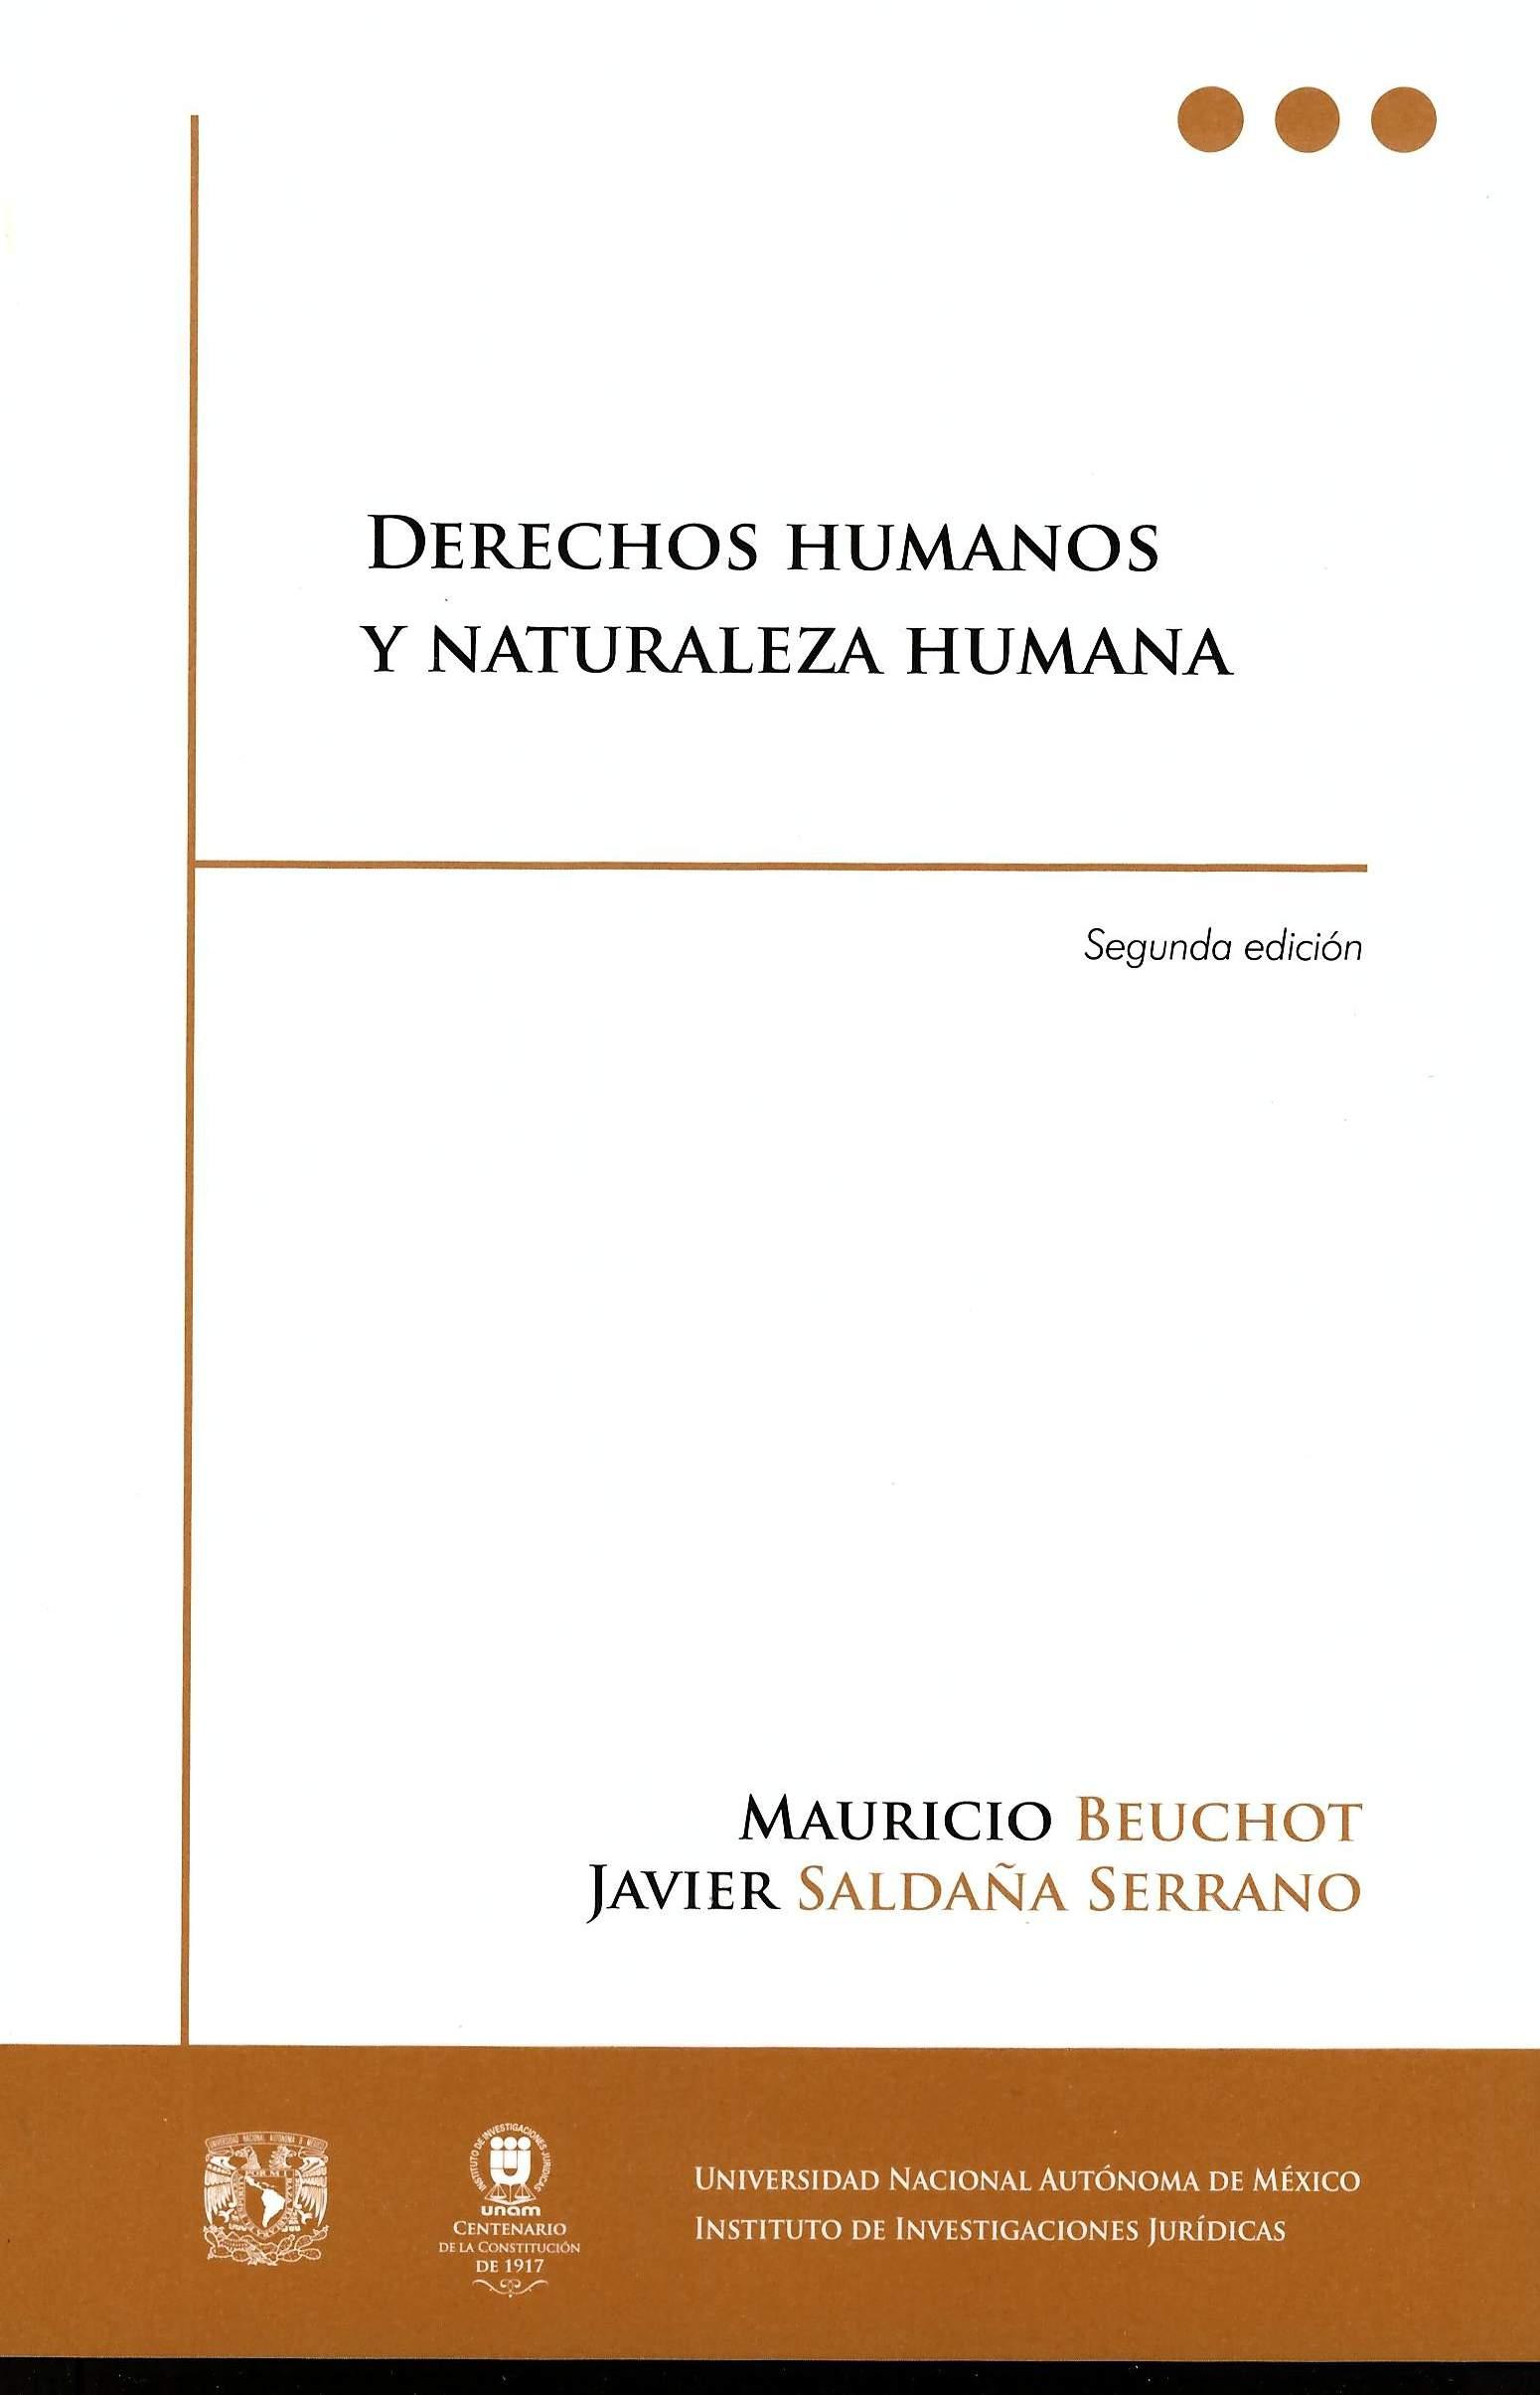 Derechos humanos y naturaleza humana